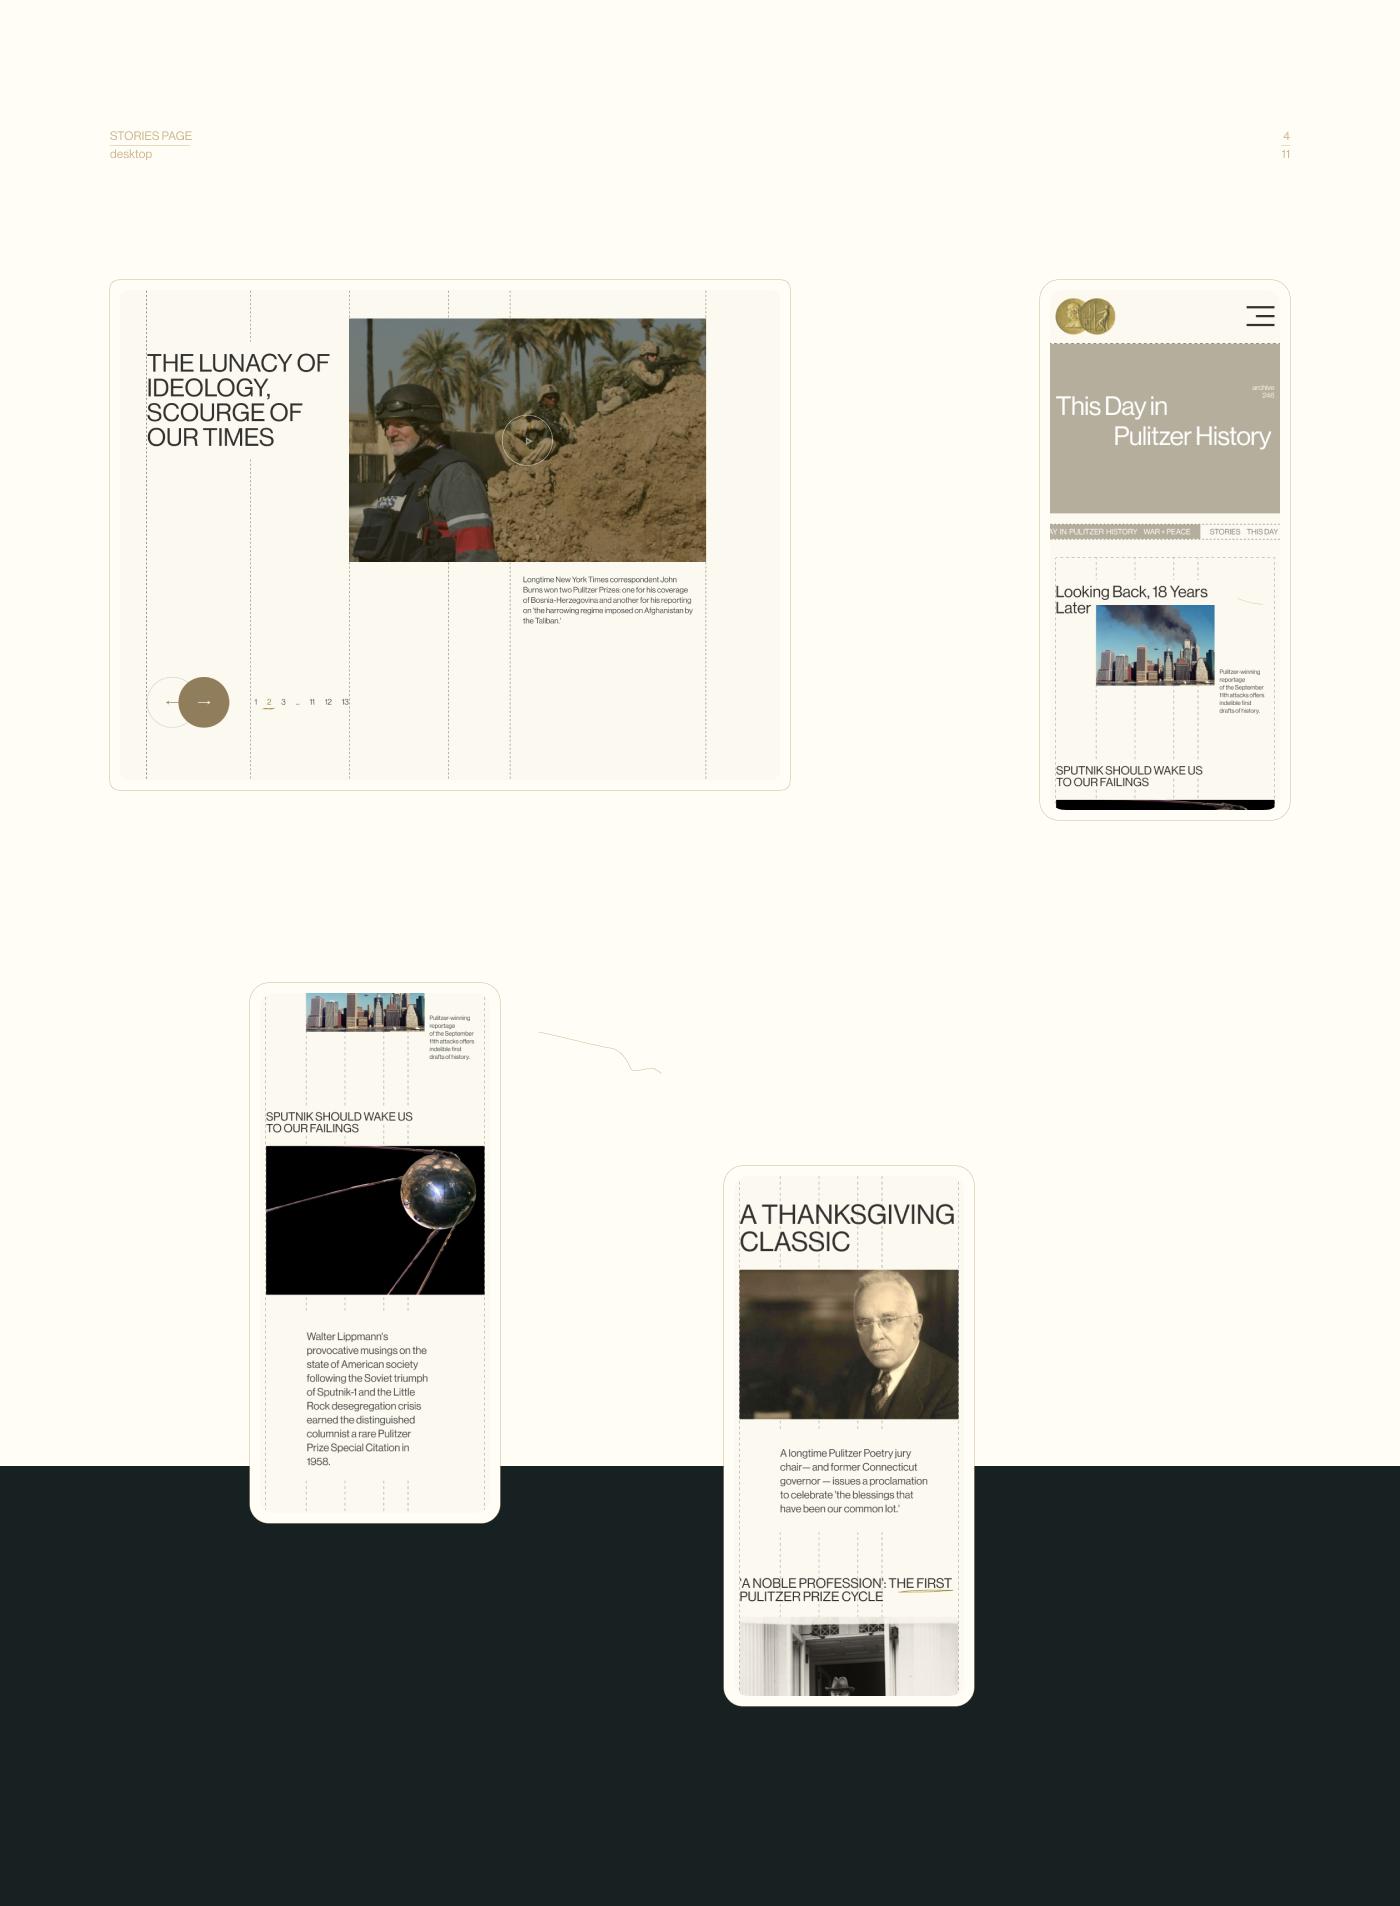 Пулитцеровская премия сайт редизайн